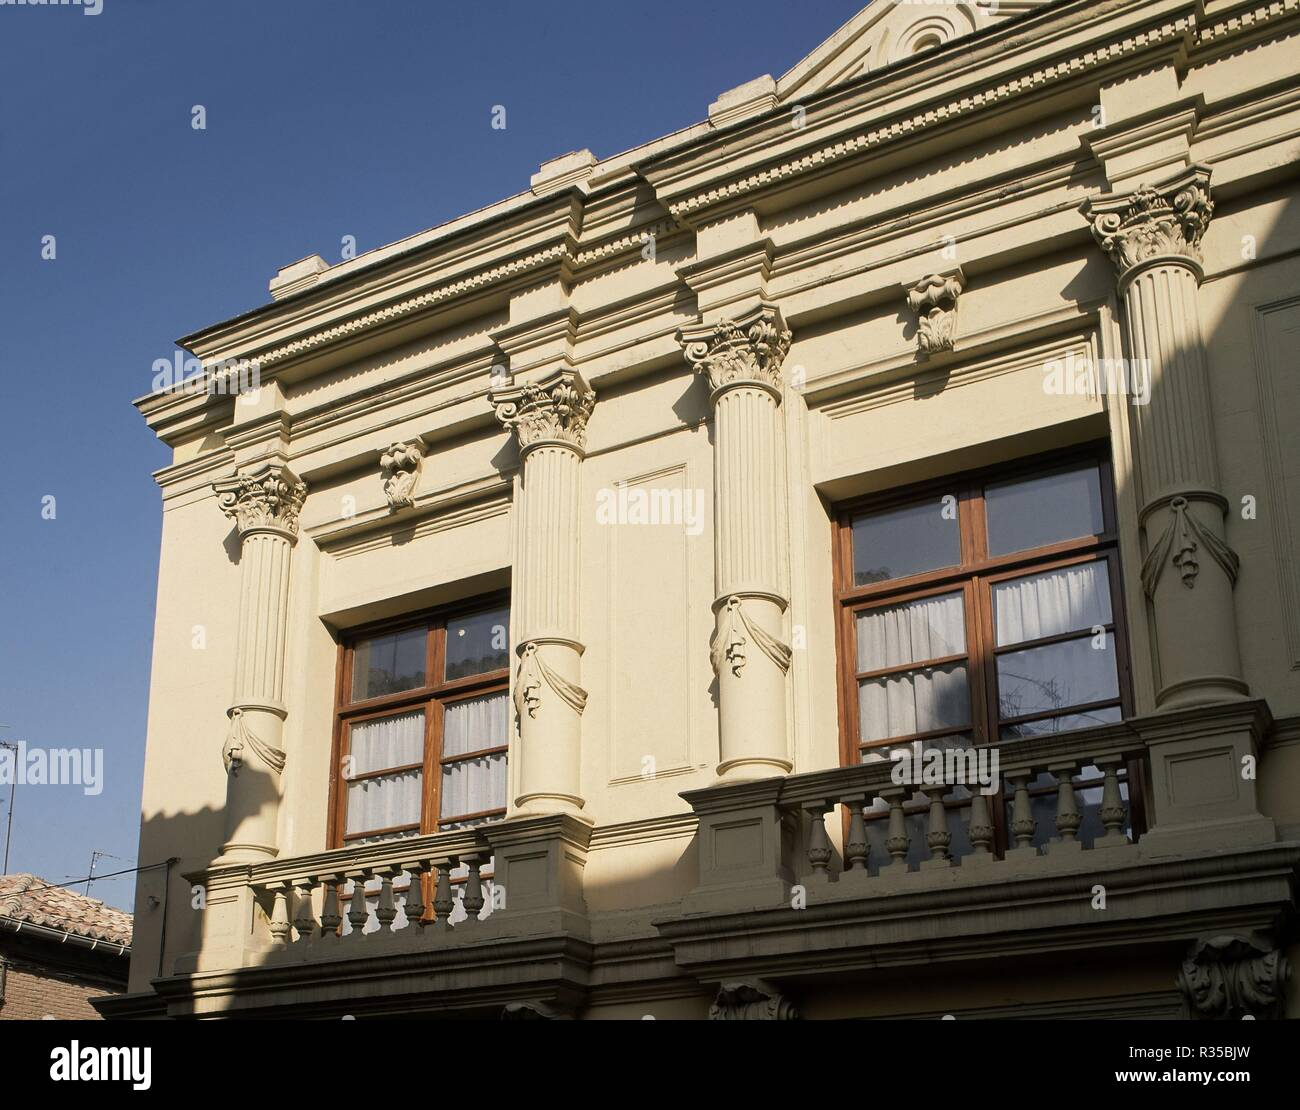 EXTERIOR-FACHADA-DET DE BALCONES-. Location: PALACIO MENDOZA (INST. Guadalajara. SPAIN. - Stock Image